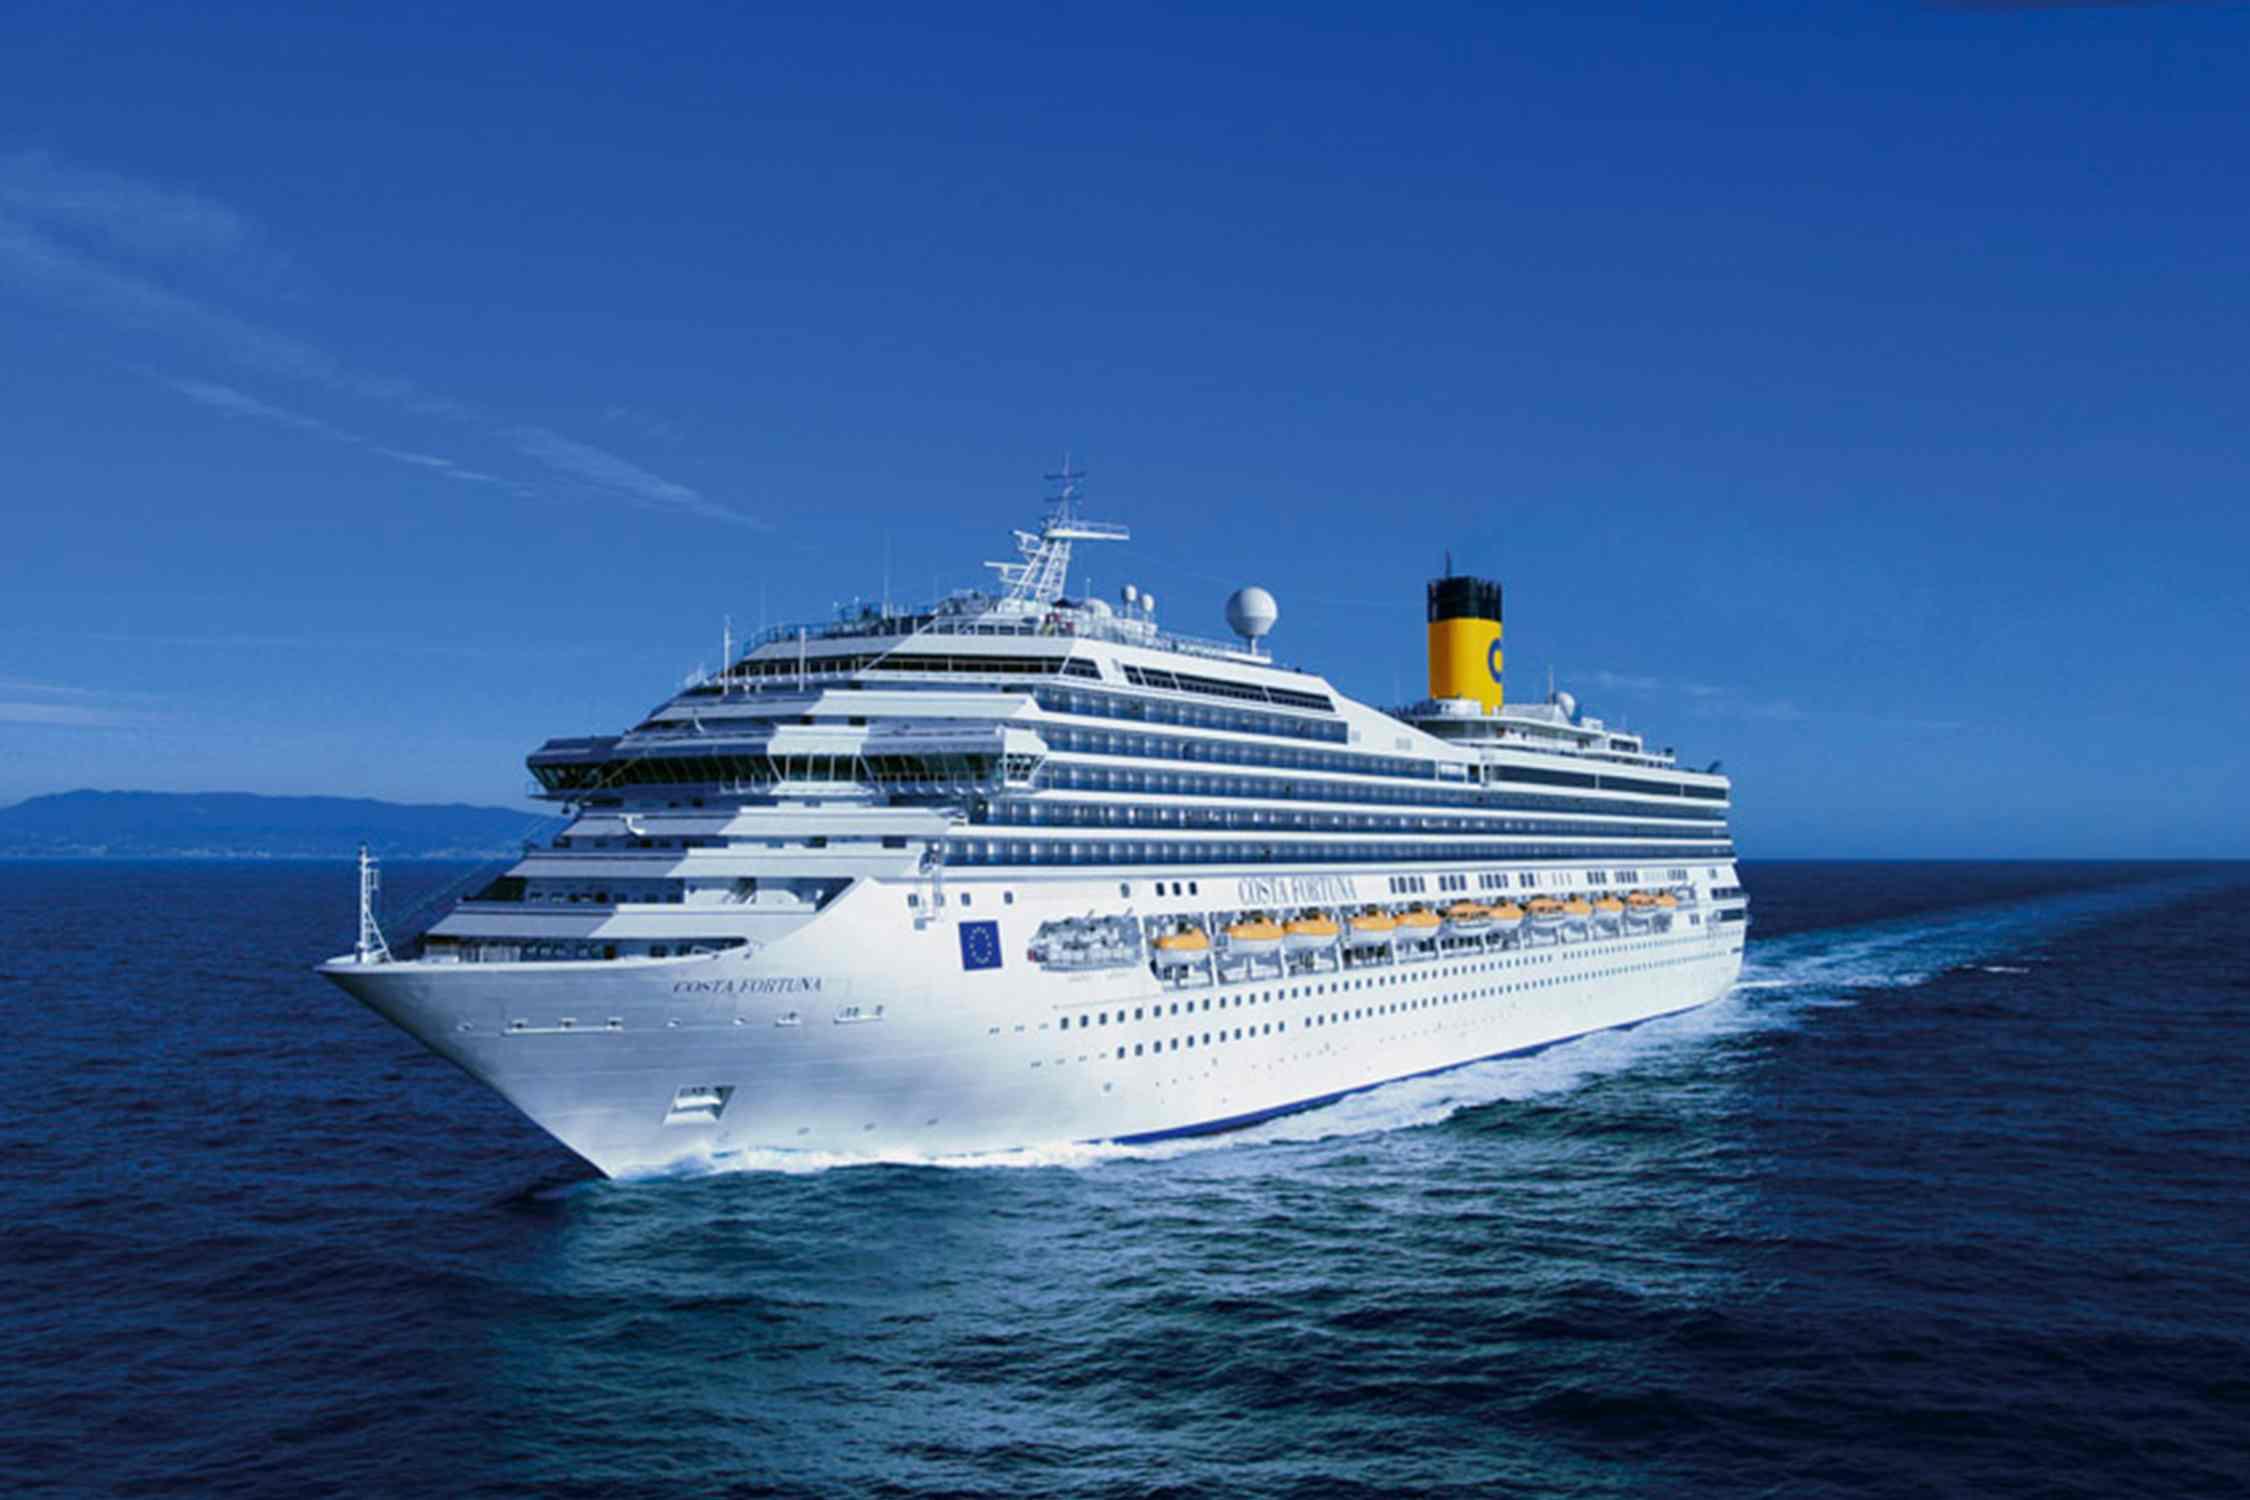 ล่องเรือสำราญ แหลมฉบัง– เกาะสมุย –สิงคโปร์ 4 วัน 3 คืน